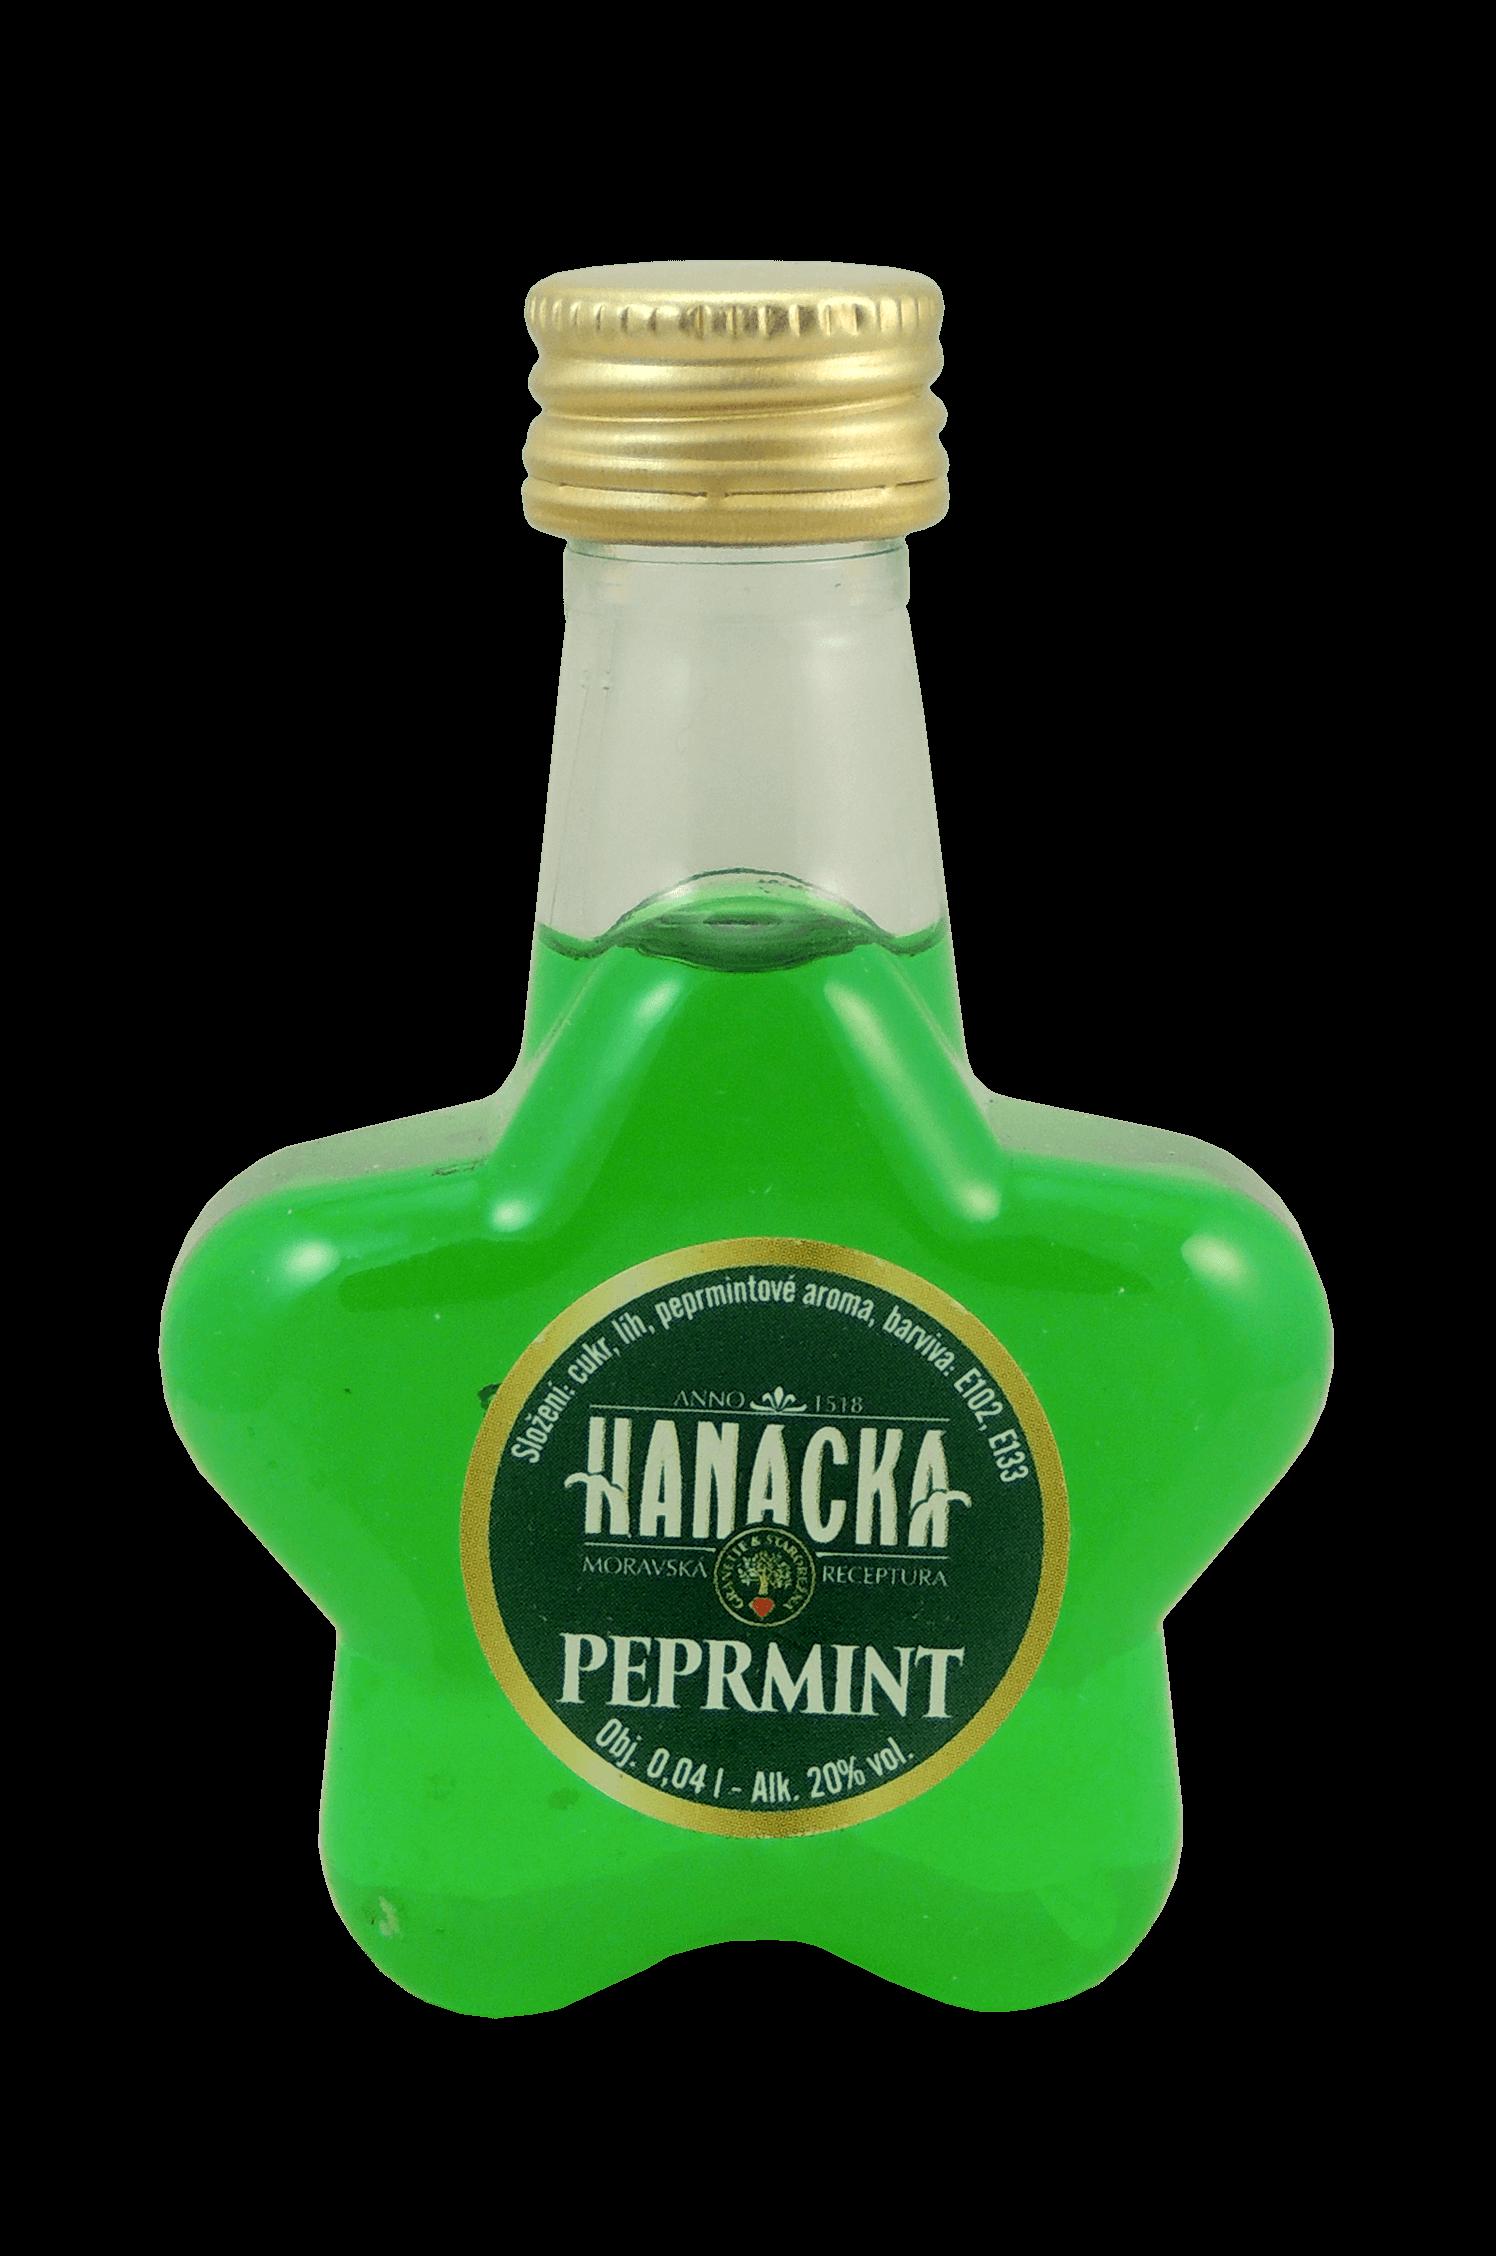 Hanacka Peprmint